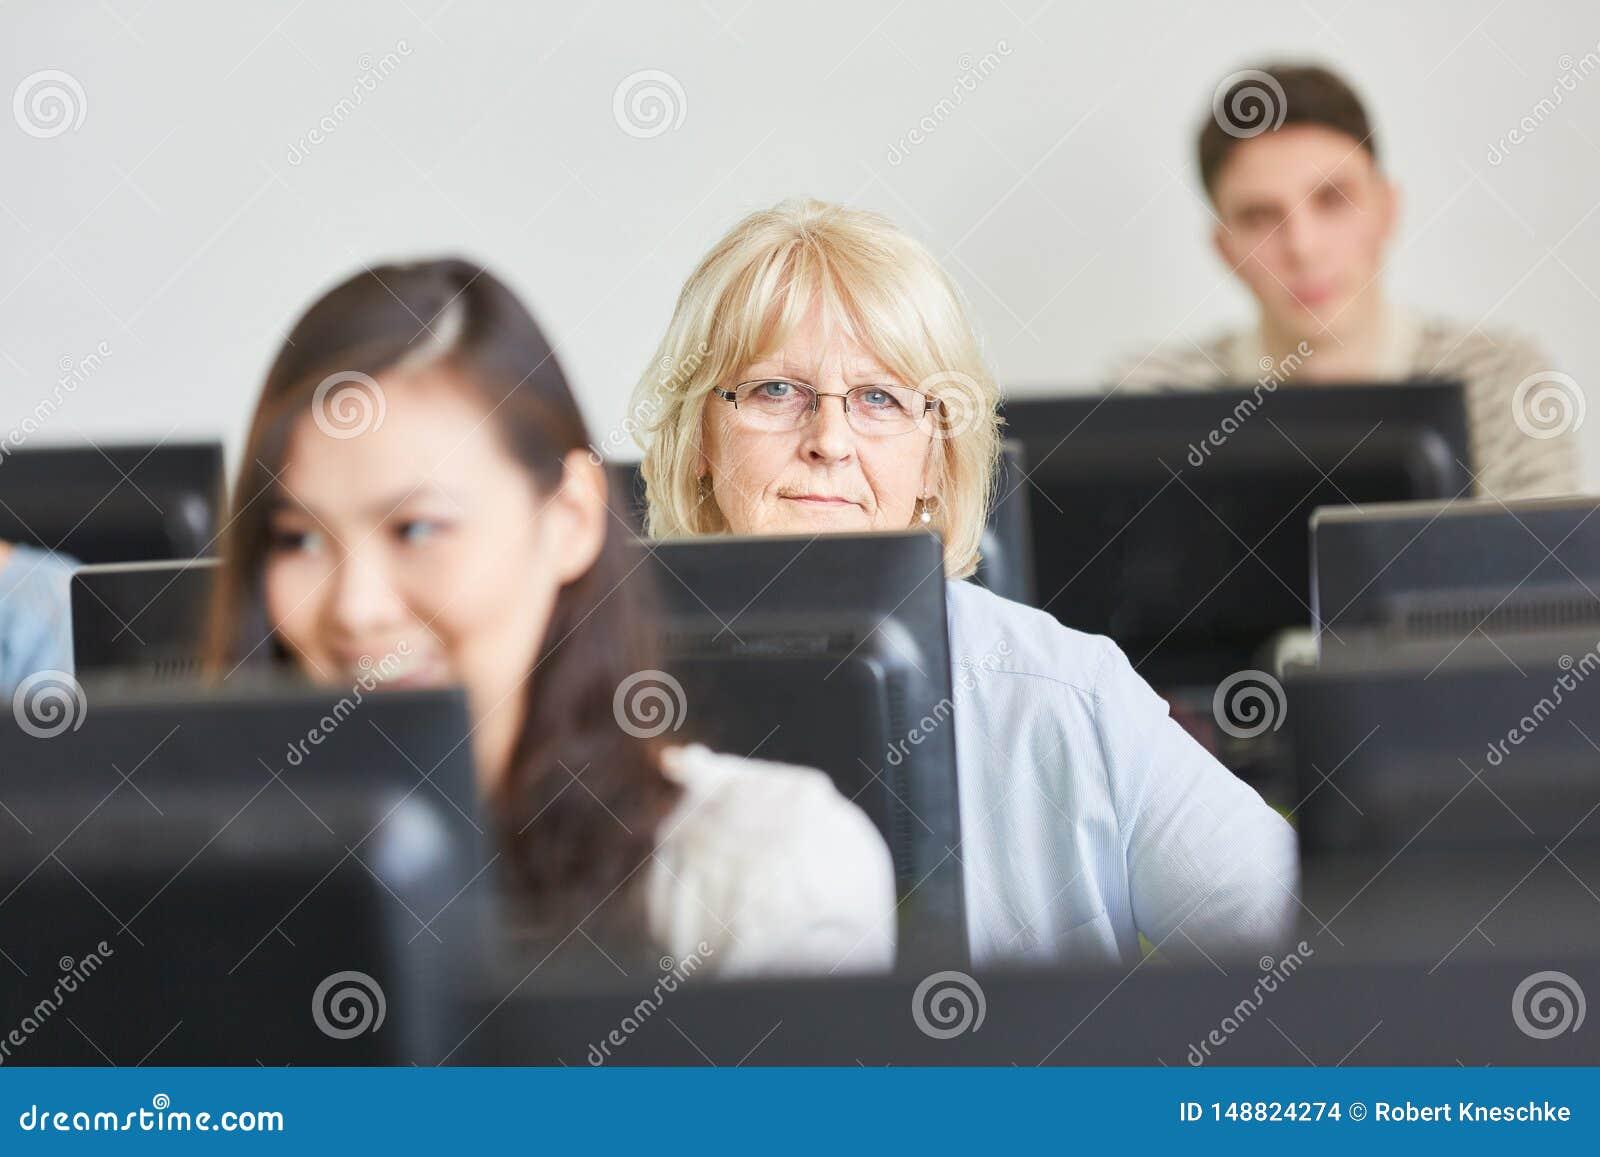 Ανώτερη γυναίκα στη σειρά μαθημάτων υπολογιστών